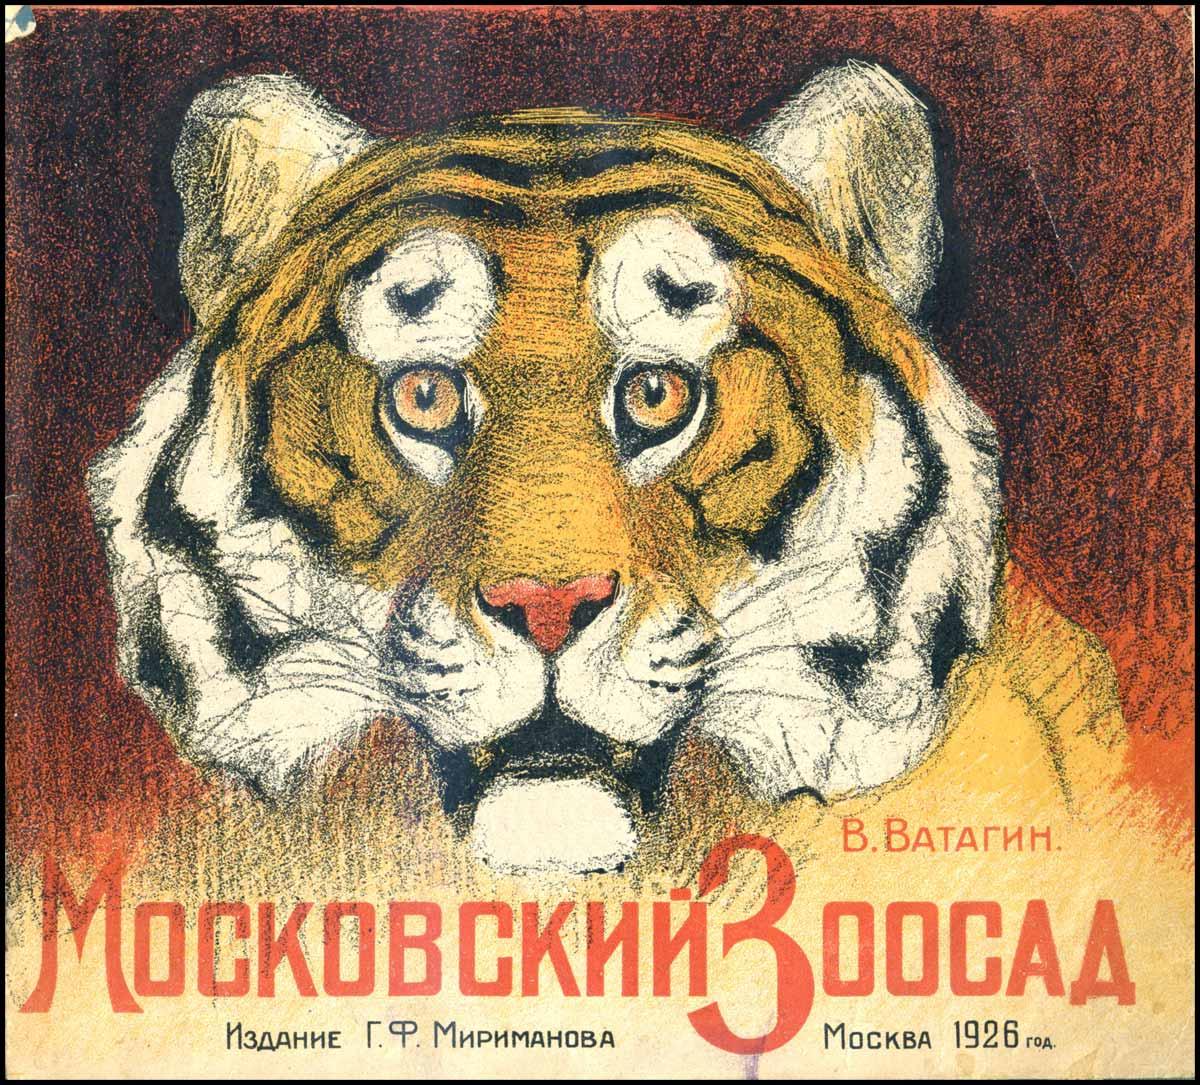 Московский зоосад картинки для детей